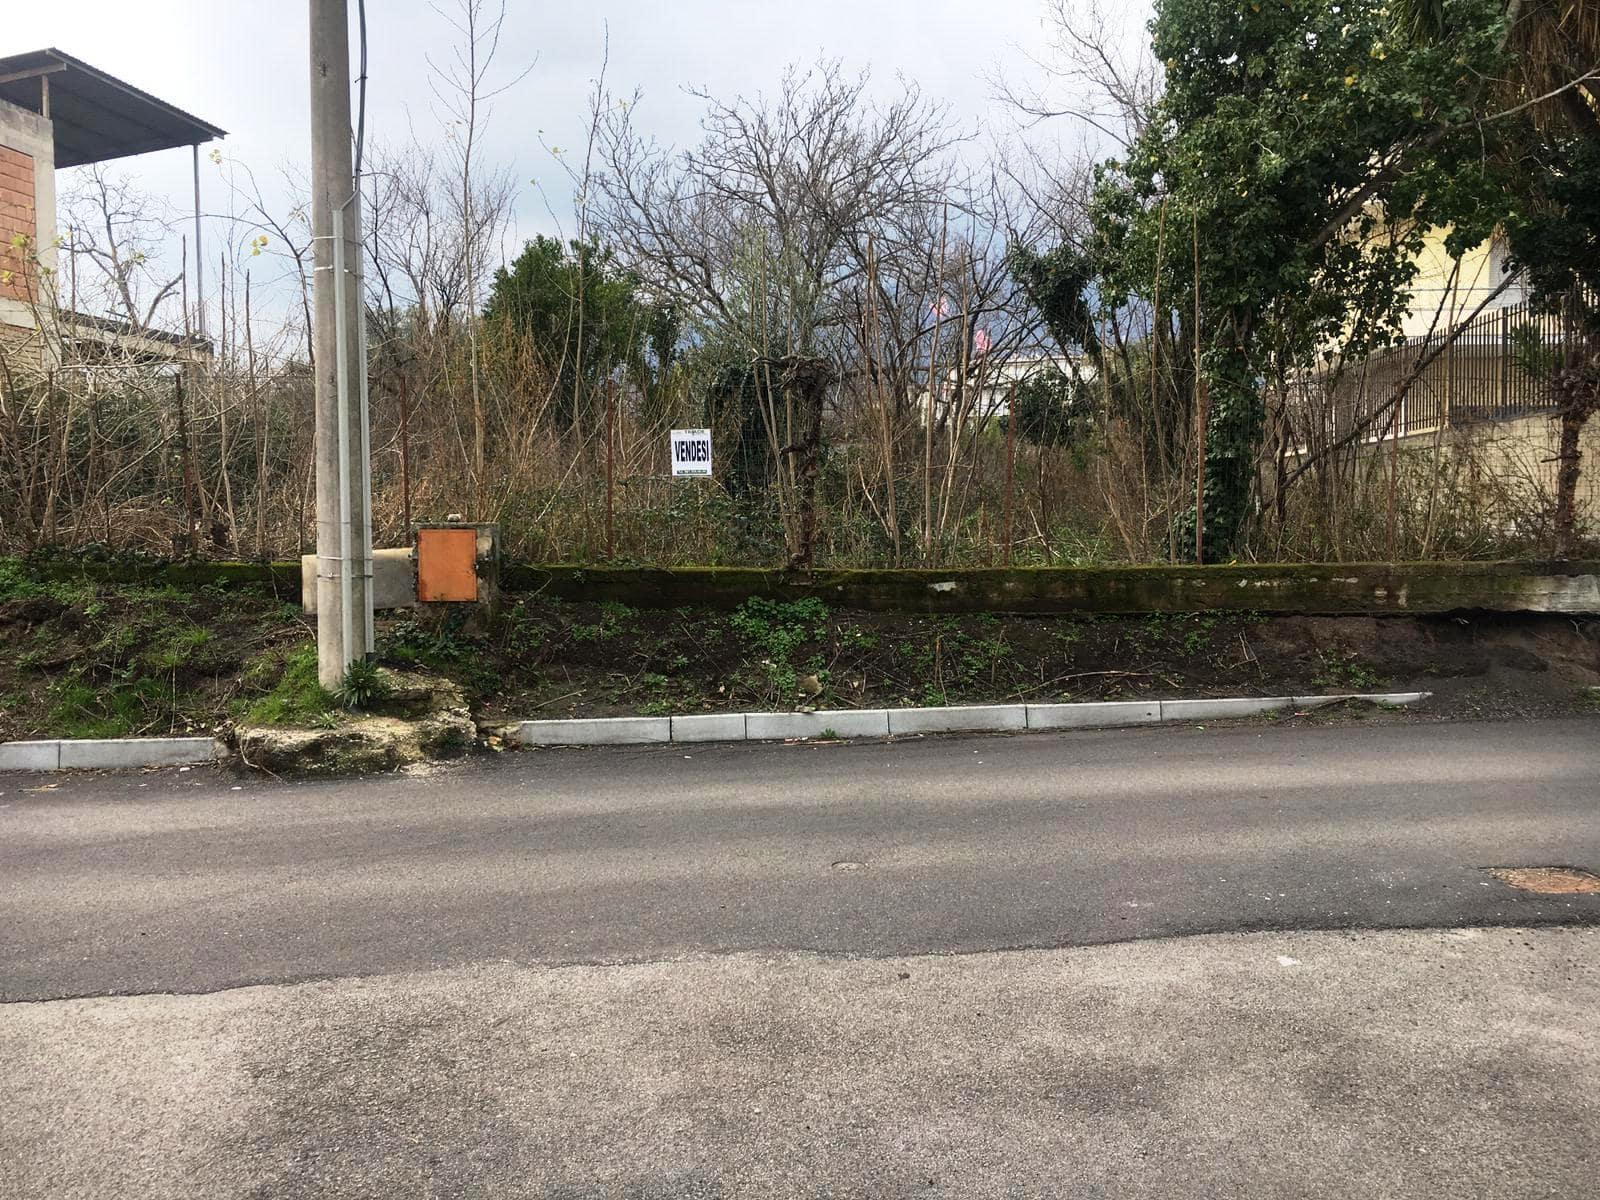 Terreno Agricolo in vendita a Ottaviano, 9999 locali, prezzo € 10.000 | CambioCasa.it